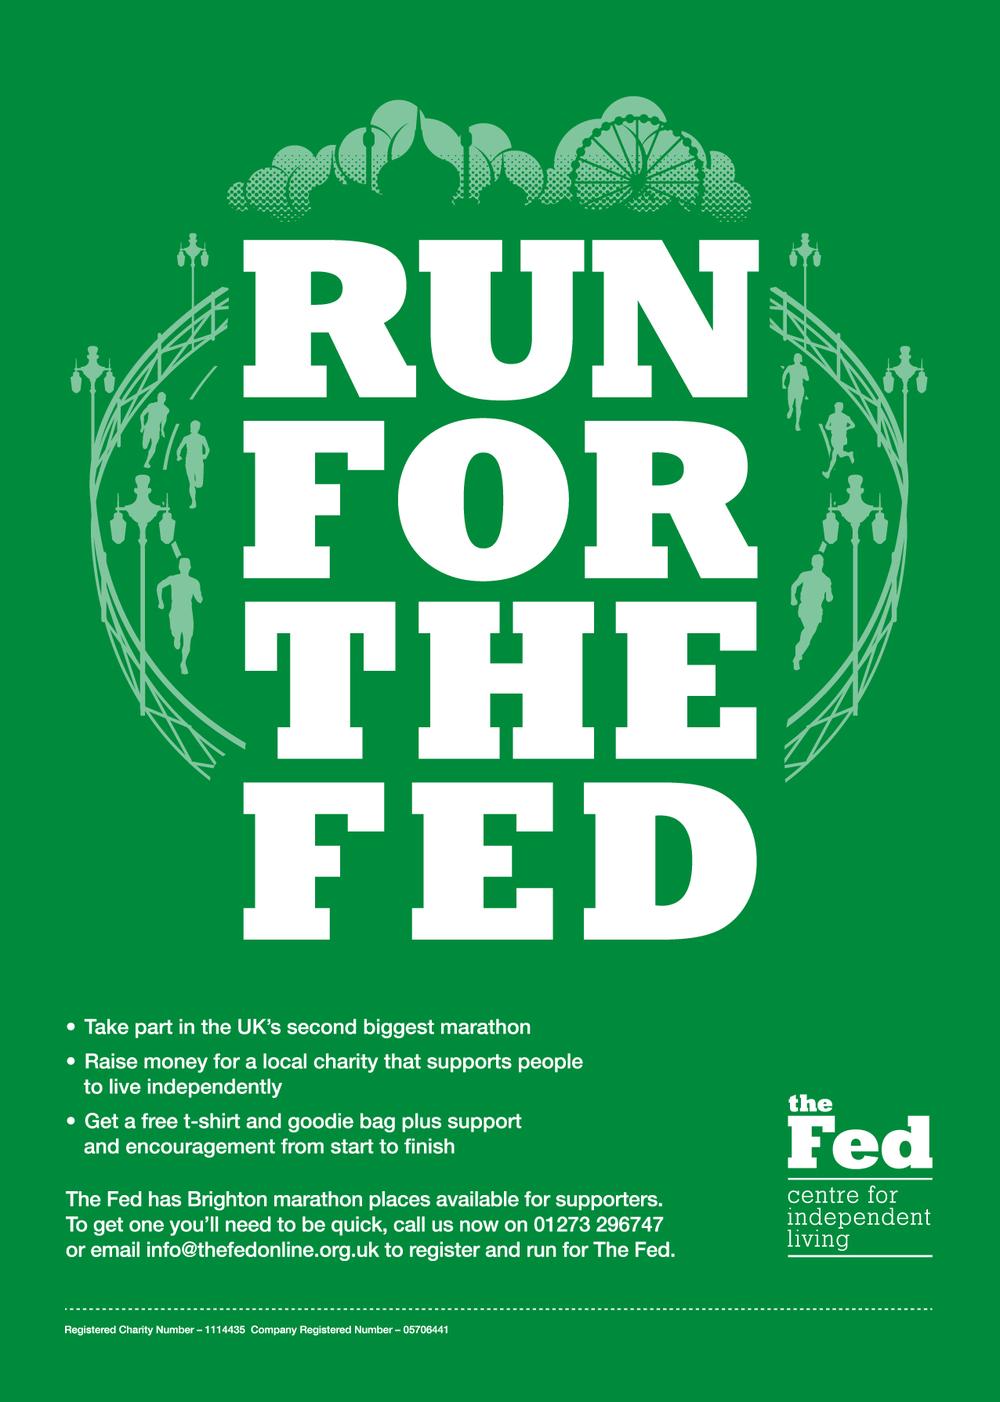 Fed_Marathon_A4-02.jpg